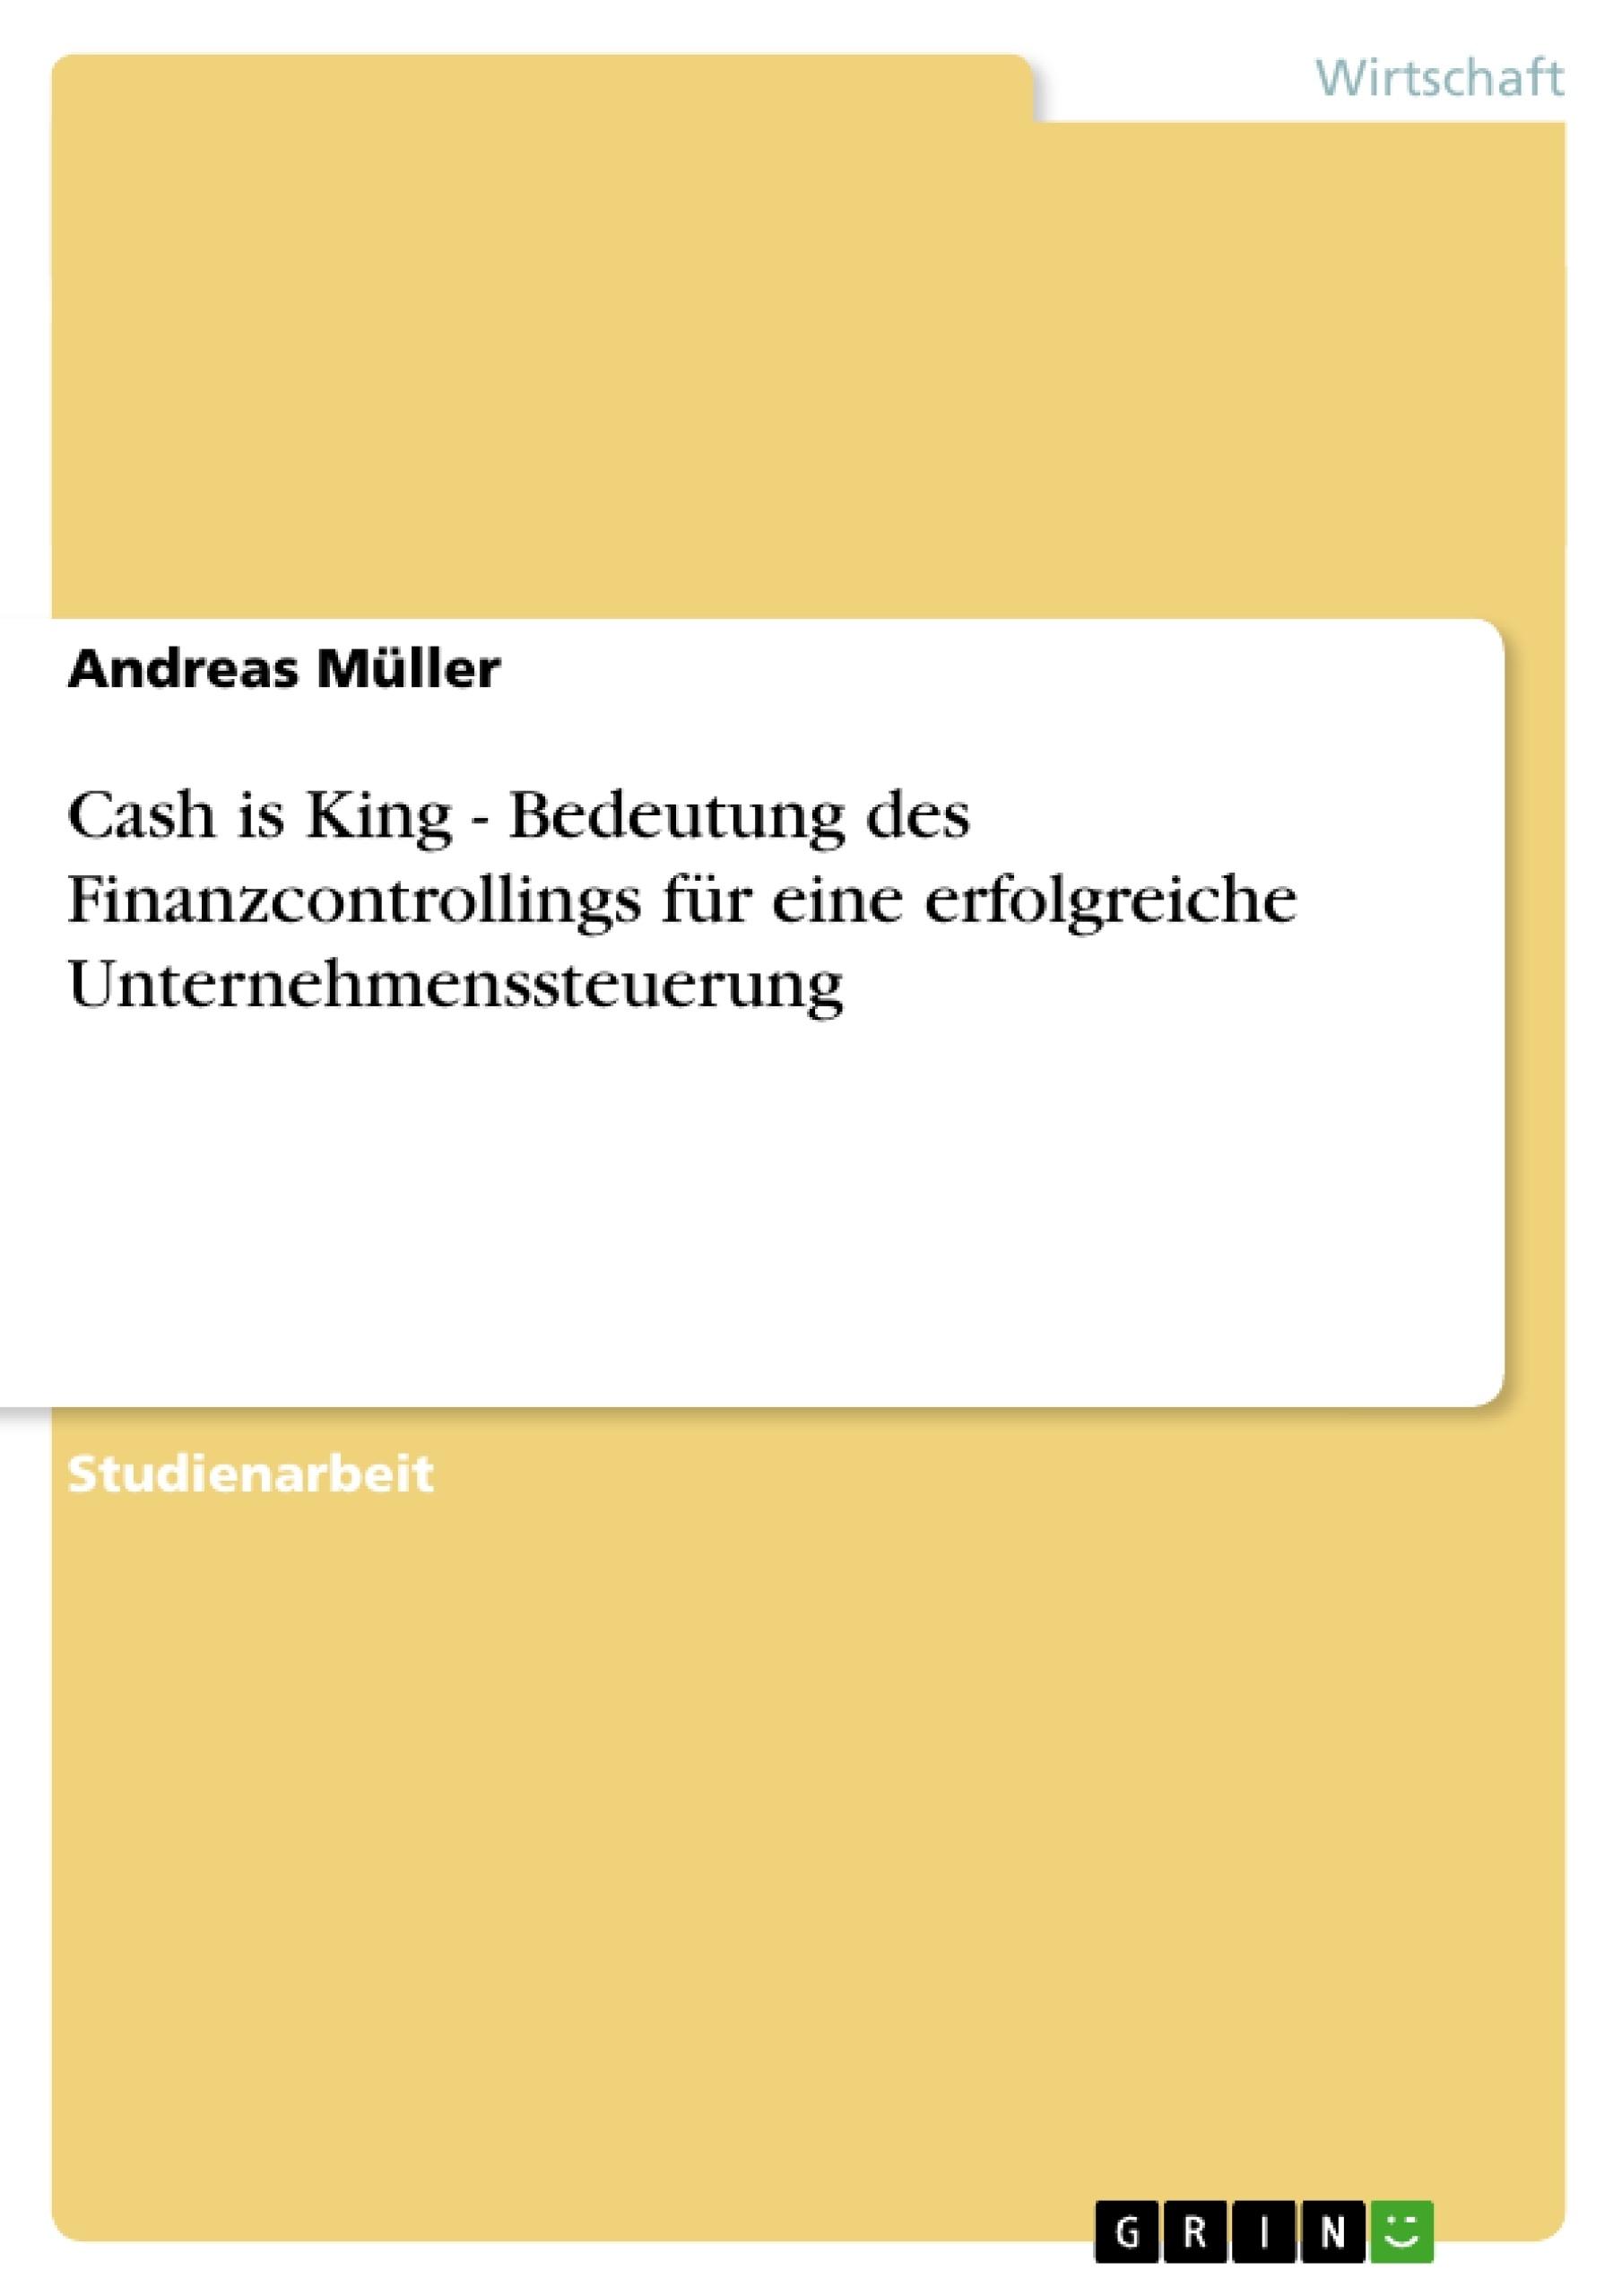 Titel: Cash is King - Bedeutung des Finanzcontrollings für eine erfolgreiche Unternehmenssteuerung